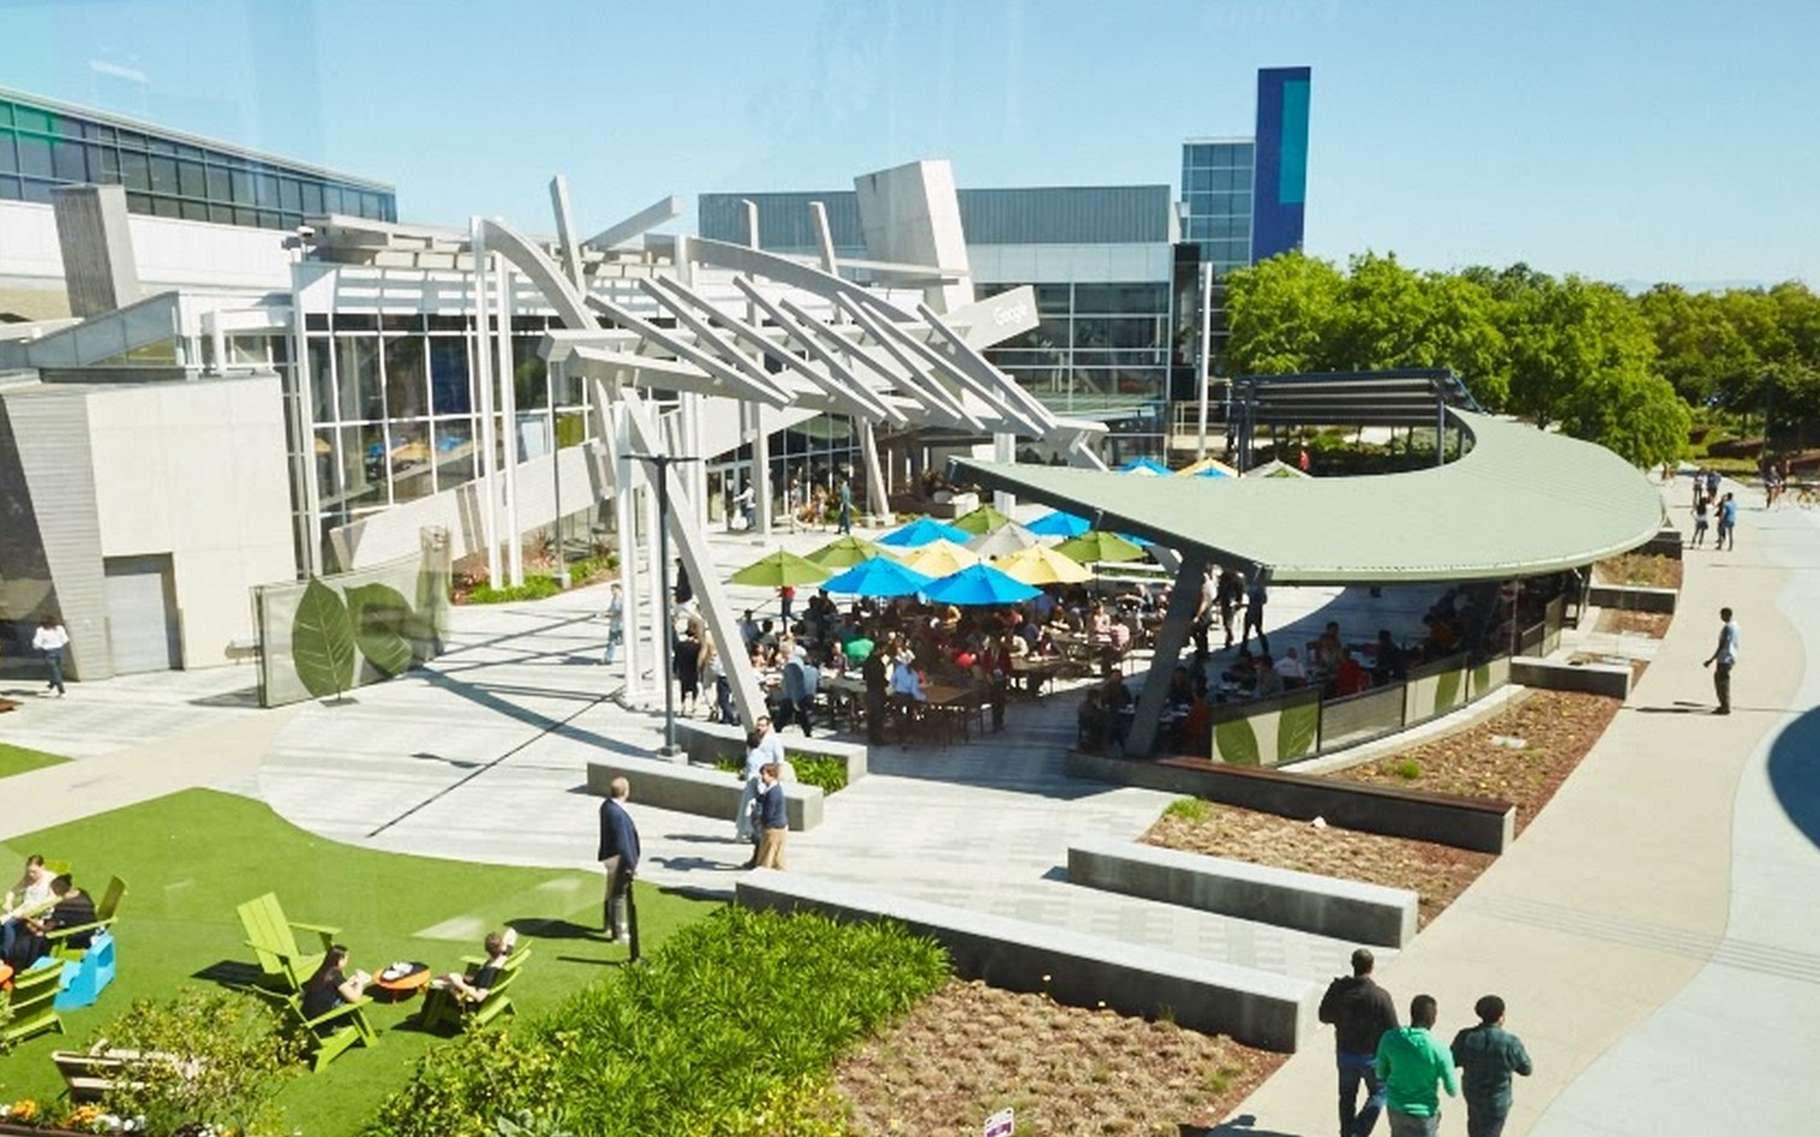 La conférence Google I/O réunit les développeurs qui évoluent dans l'écosystème d'applications et services Google. © Google